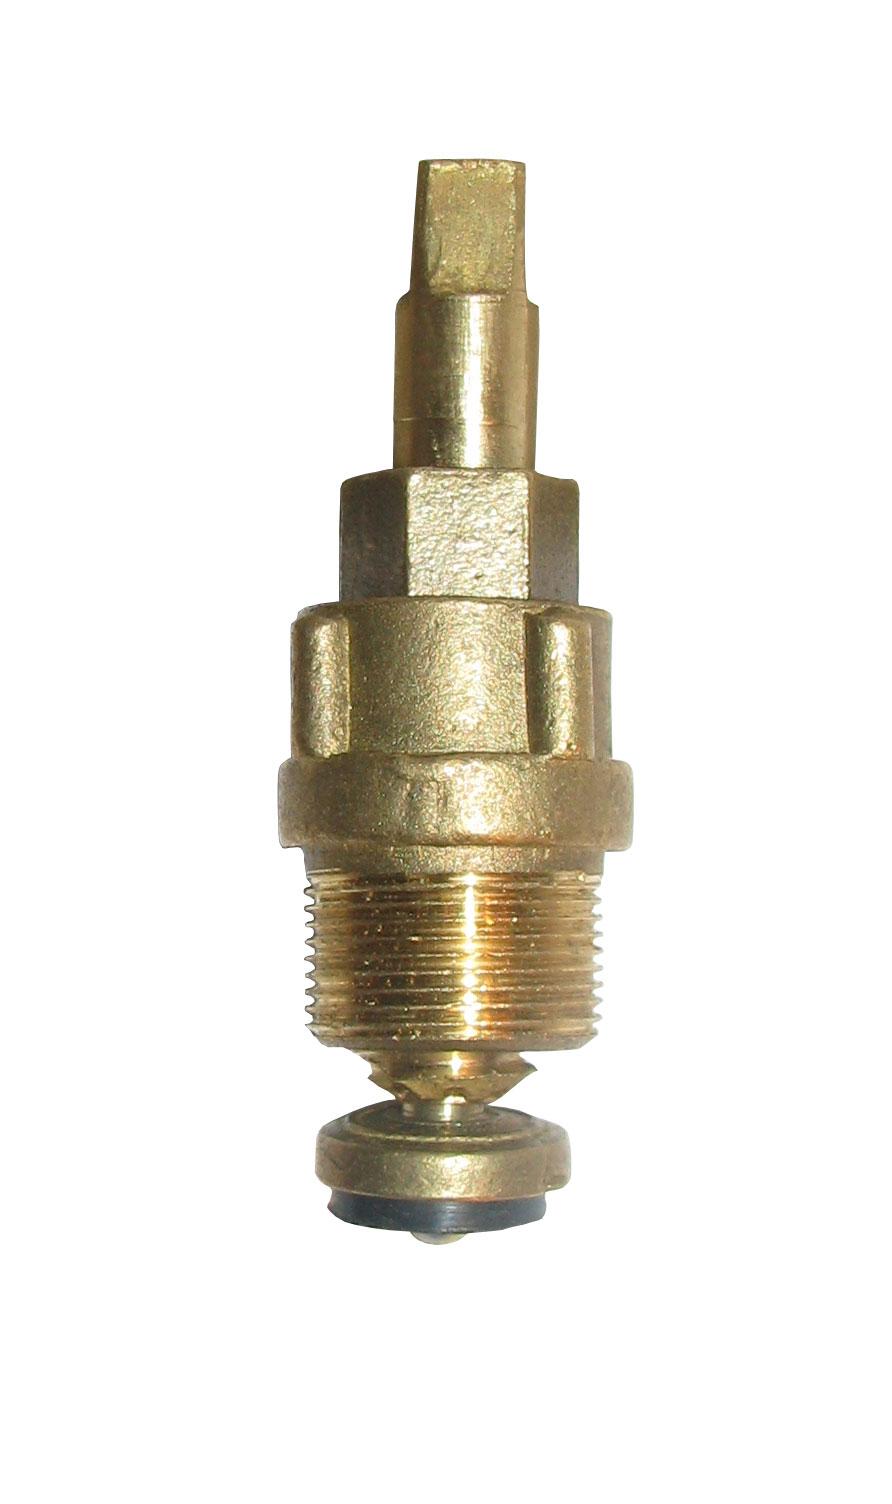 Головка вентильная для смесителя с сальниковой набивкой  М18х1